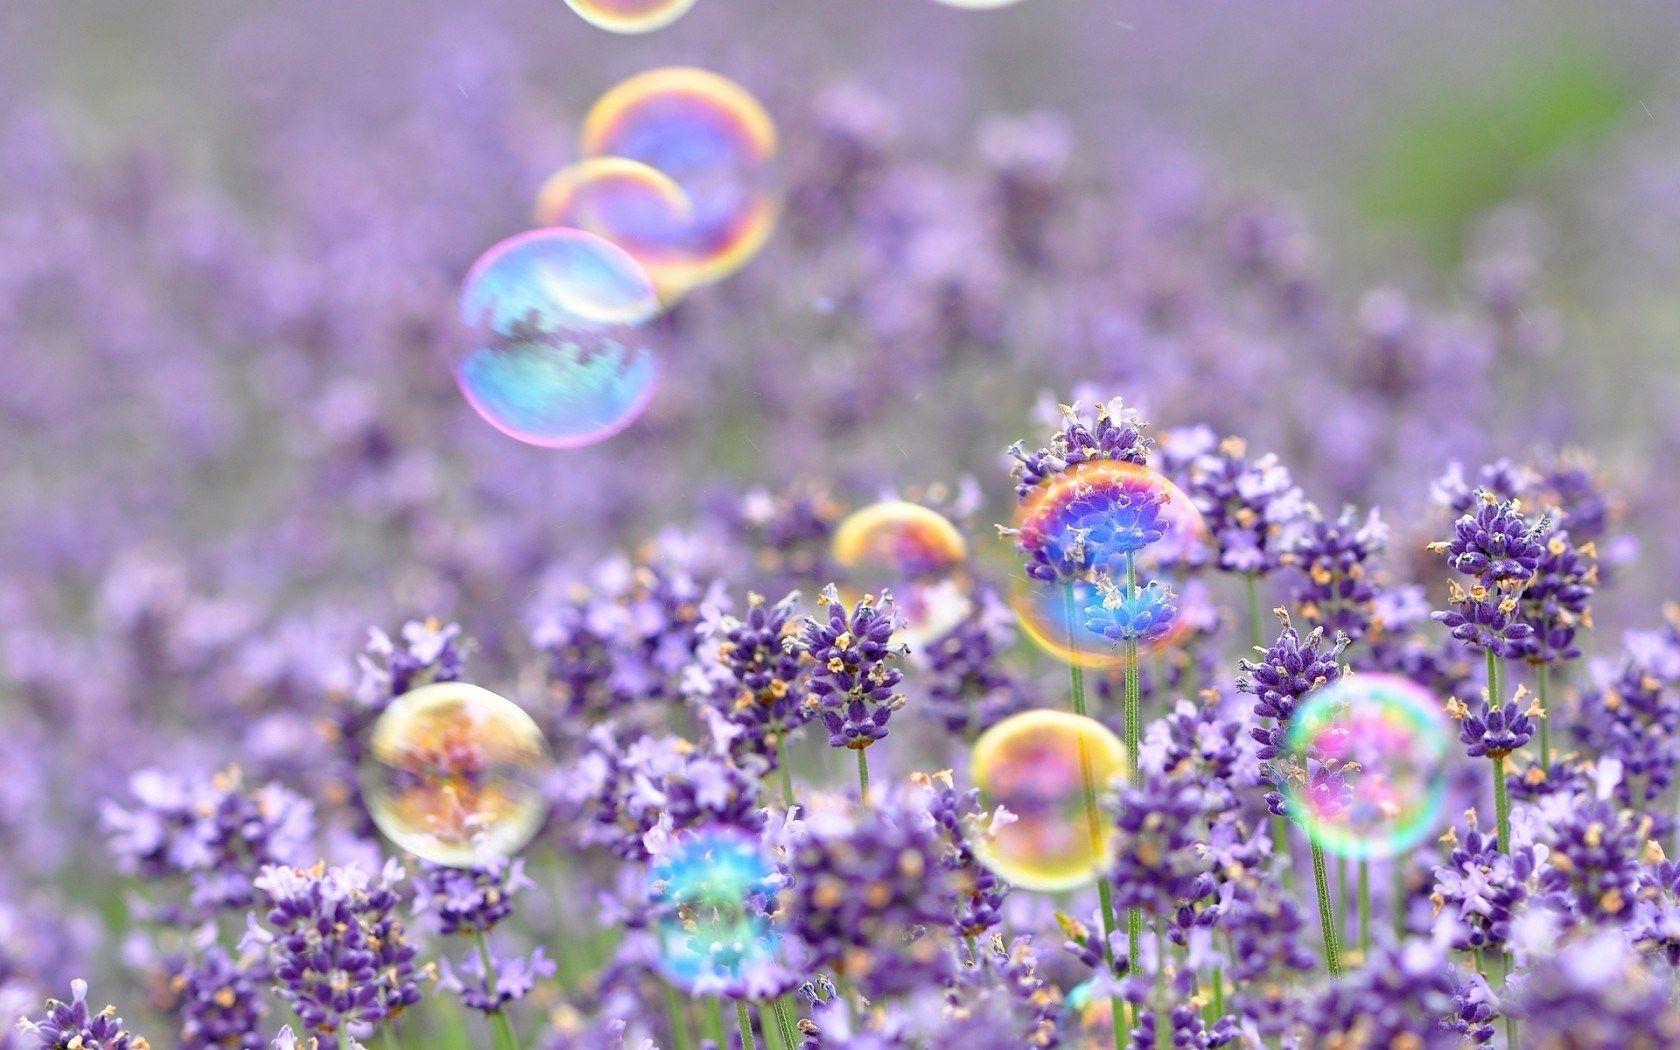 Ipad Wallpaper Little Plant In A Bubble: View Mood Bubbles Flowers Field HD Wallpaper